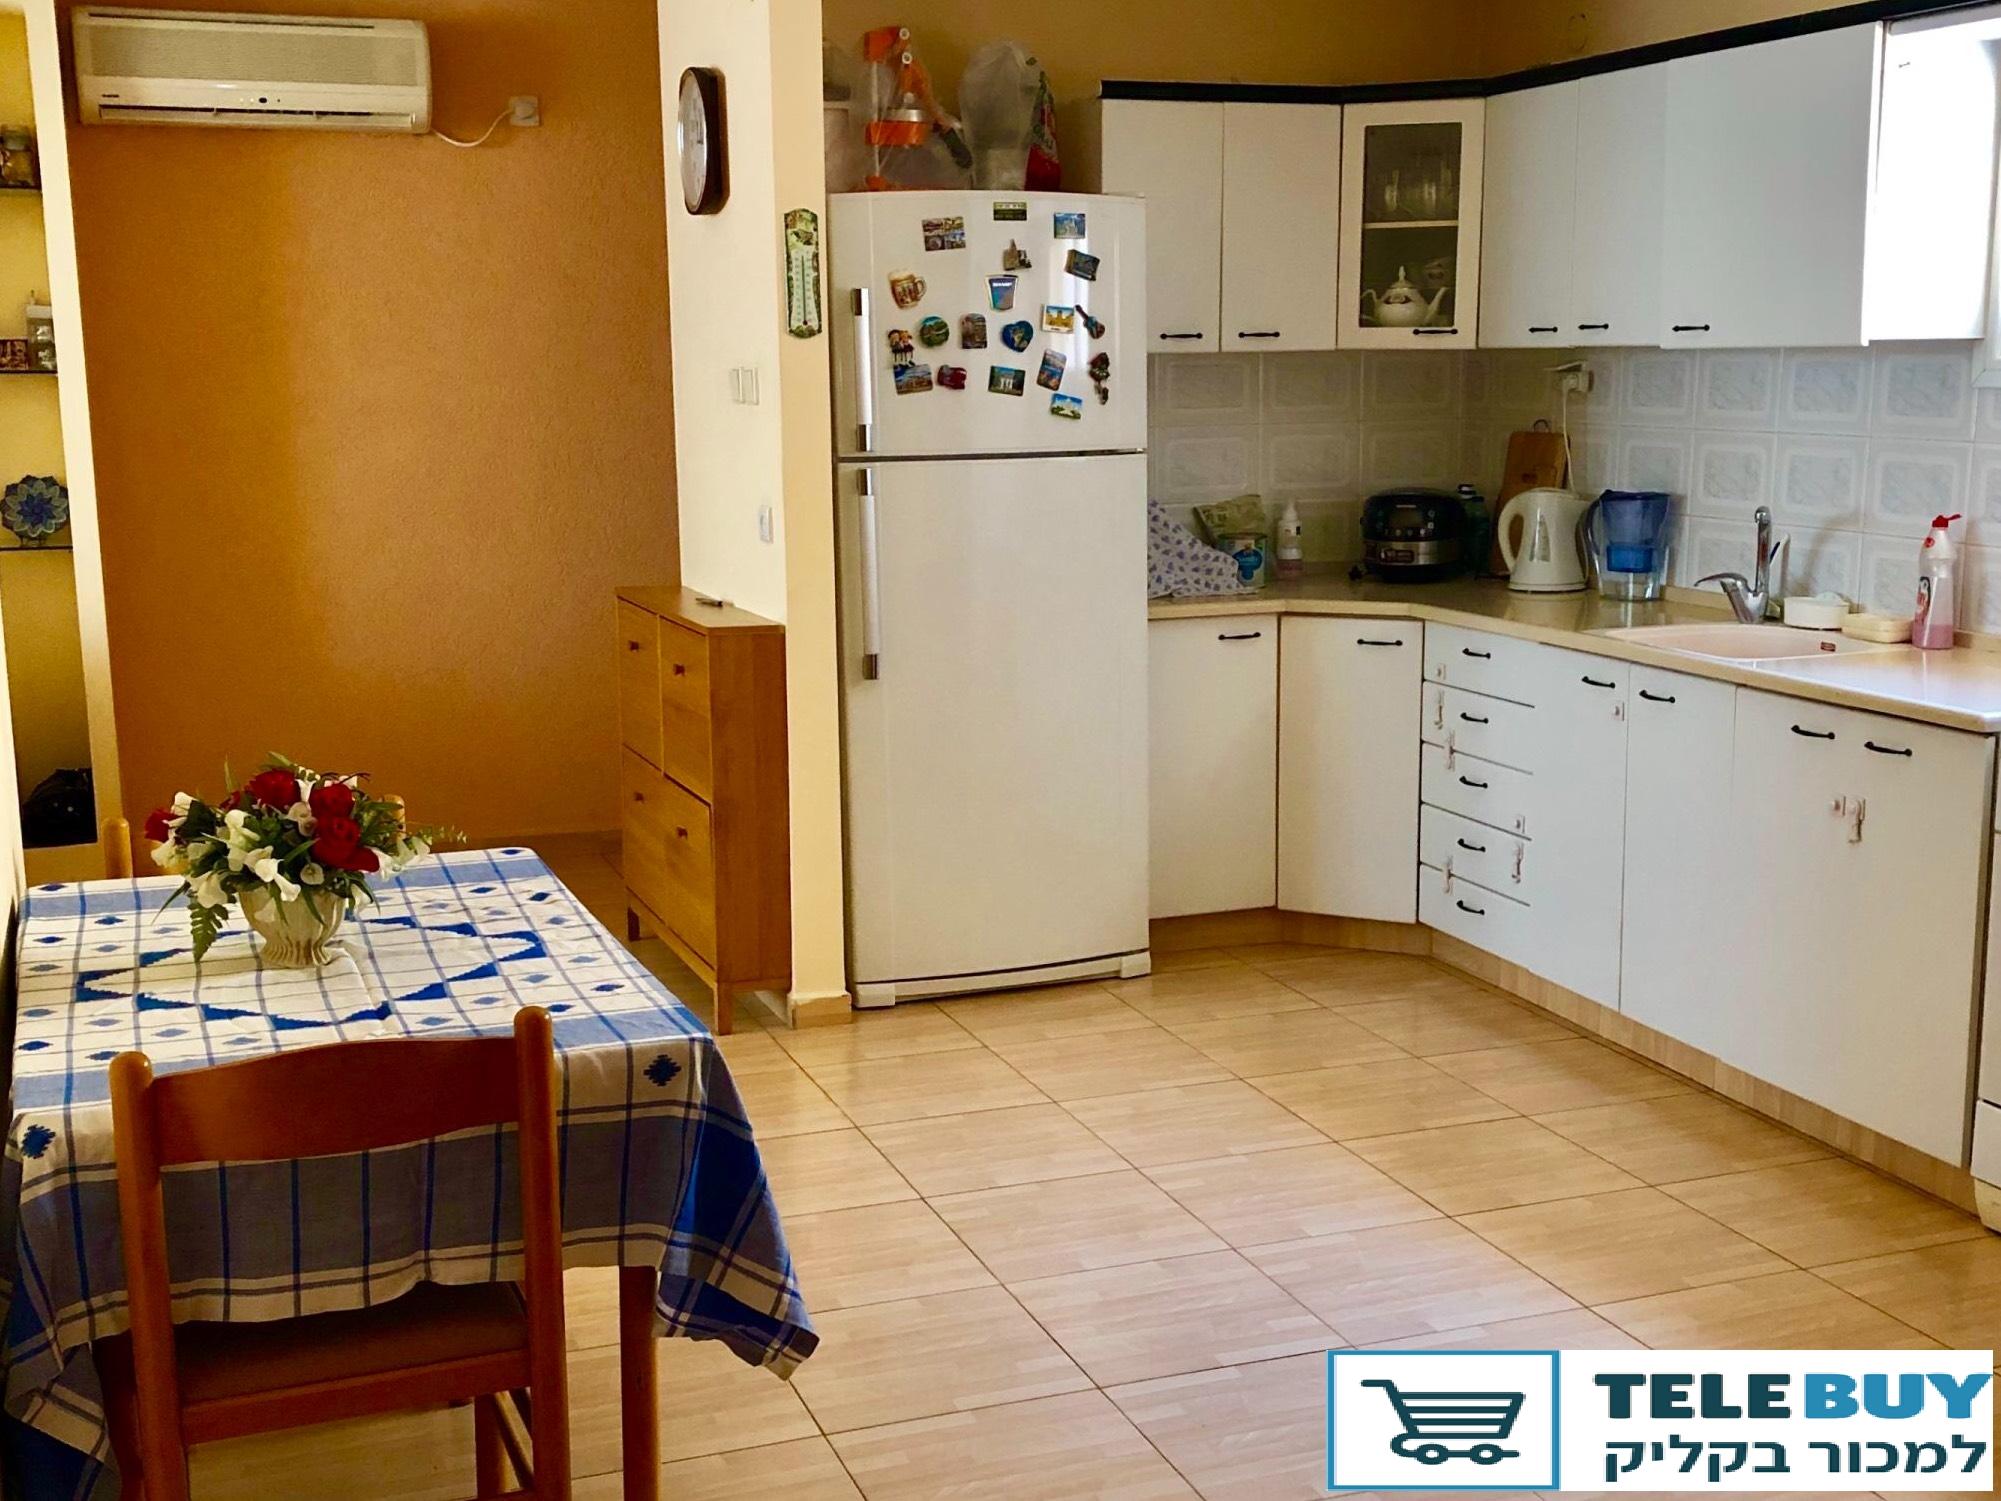 דירות למכירה דירה   בחולון - בת ים